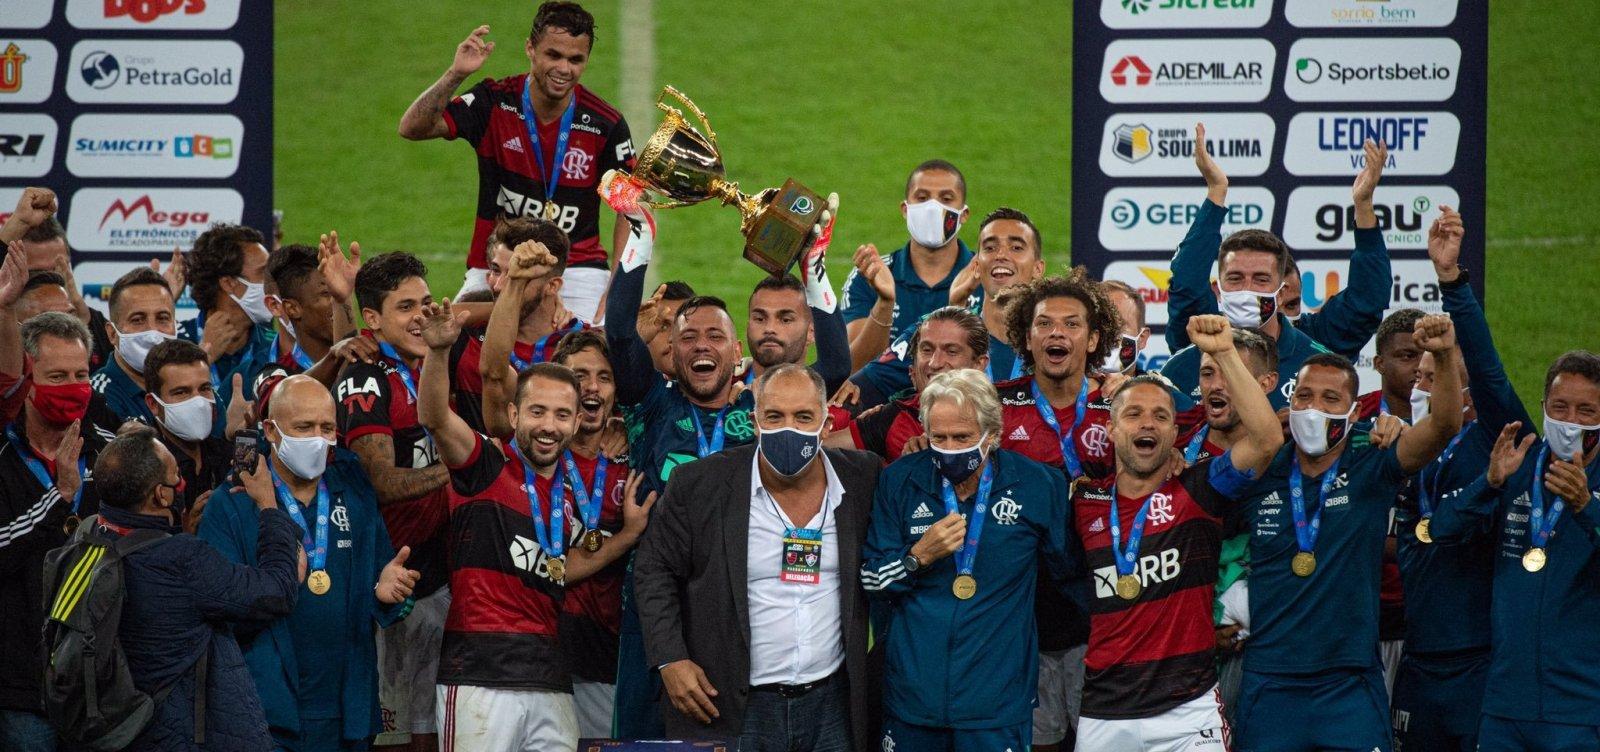 [Flamengo vence Fluminense por 1 a 0 e é campeão carioca 2020]